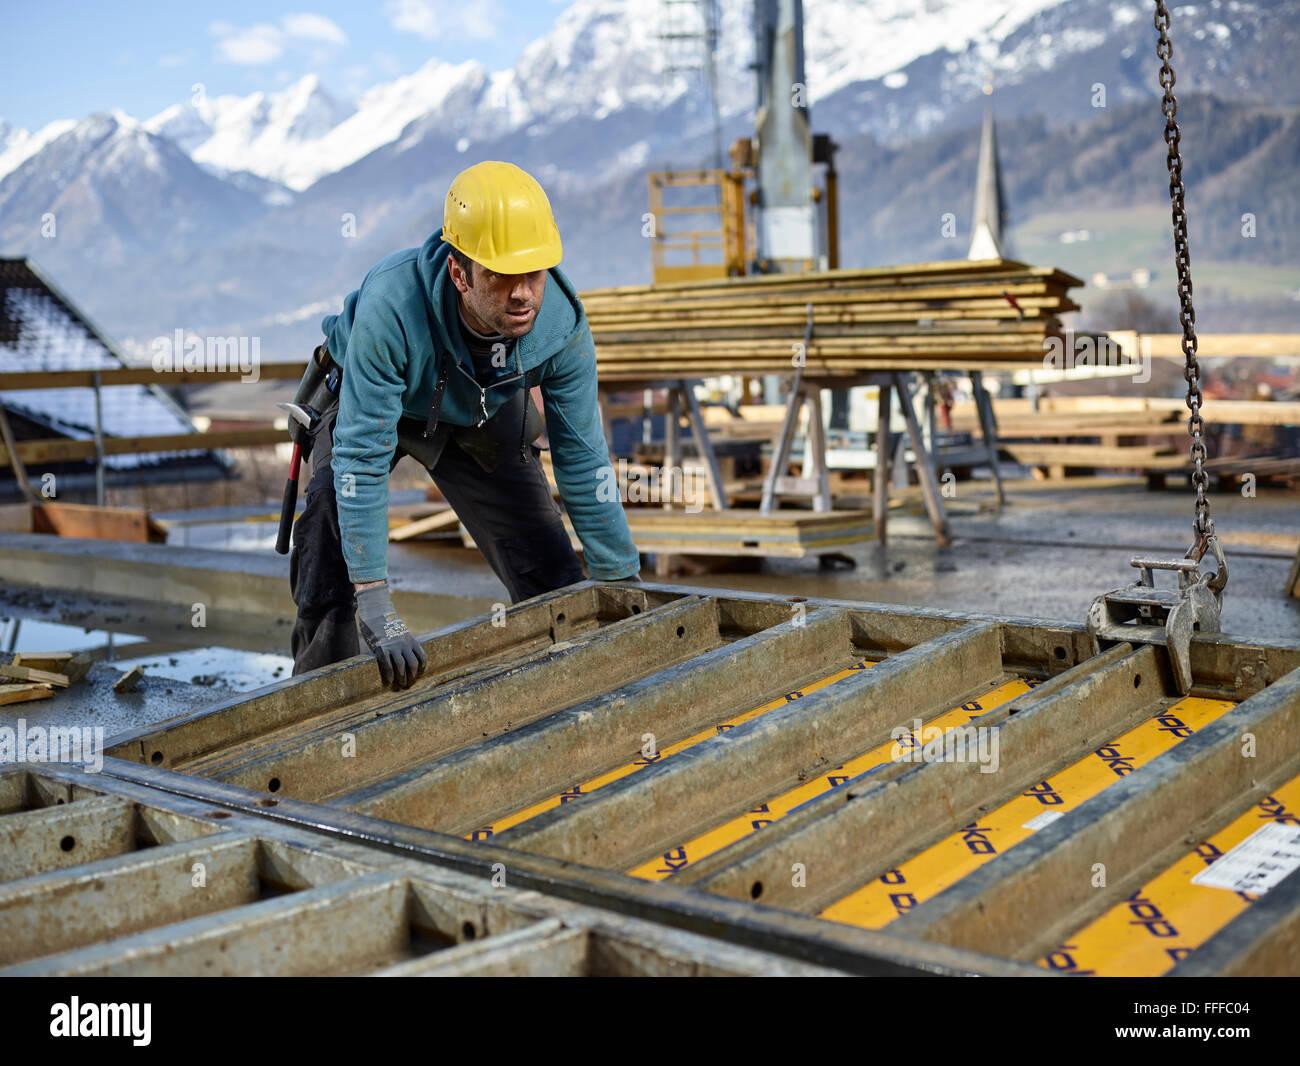 Bauarbeiter Schalung Wand mit Kran heben Vorbereitung gerahmte Schalung, Innsbruck Land, Tirol, Österreich Stockbild